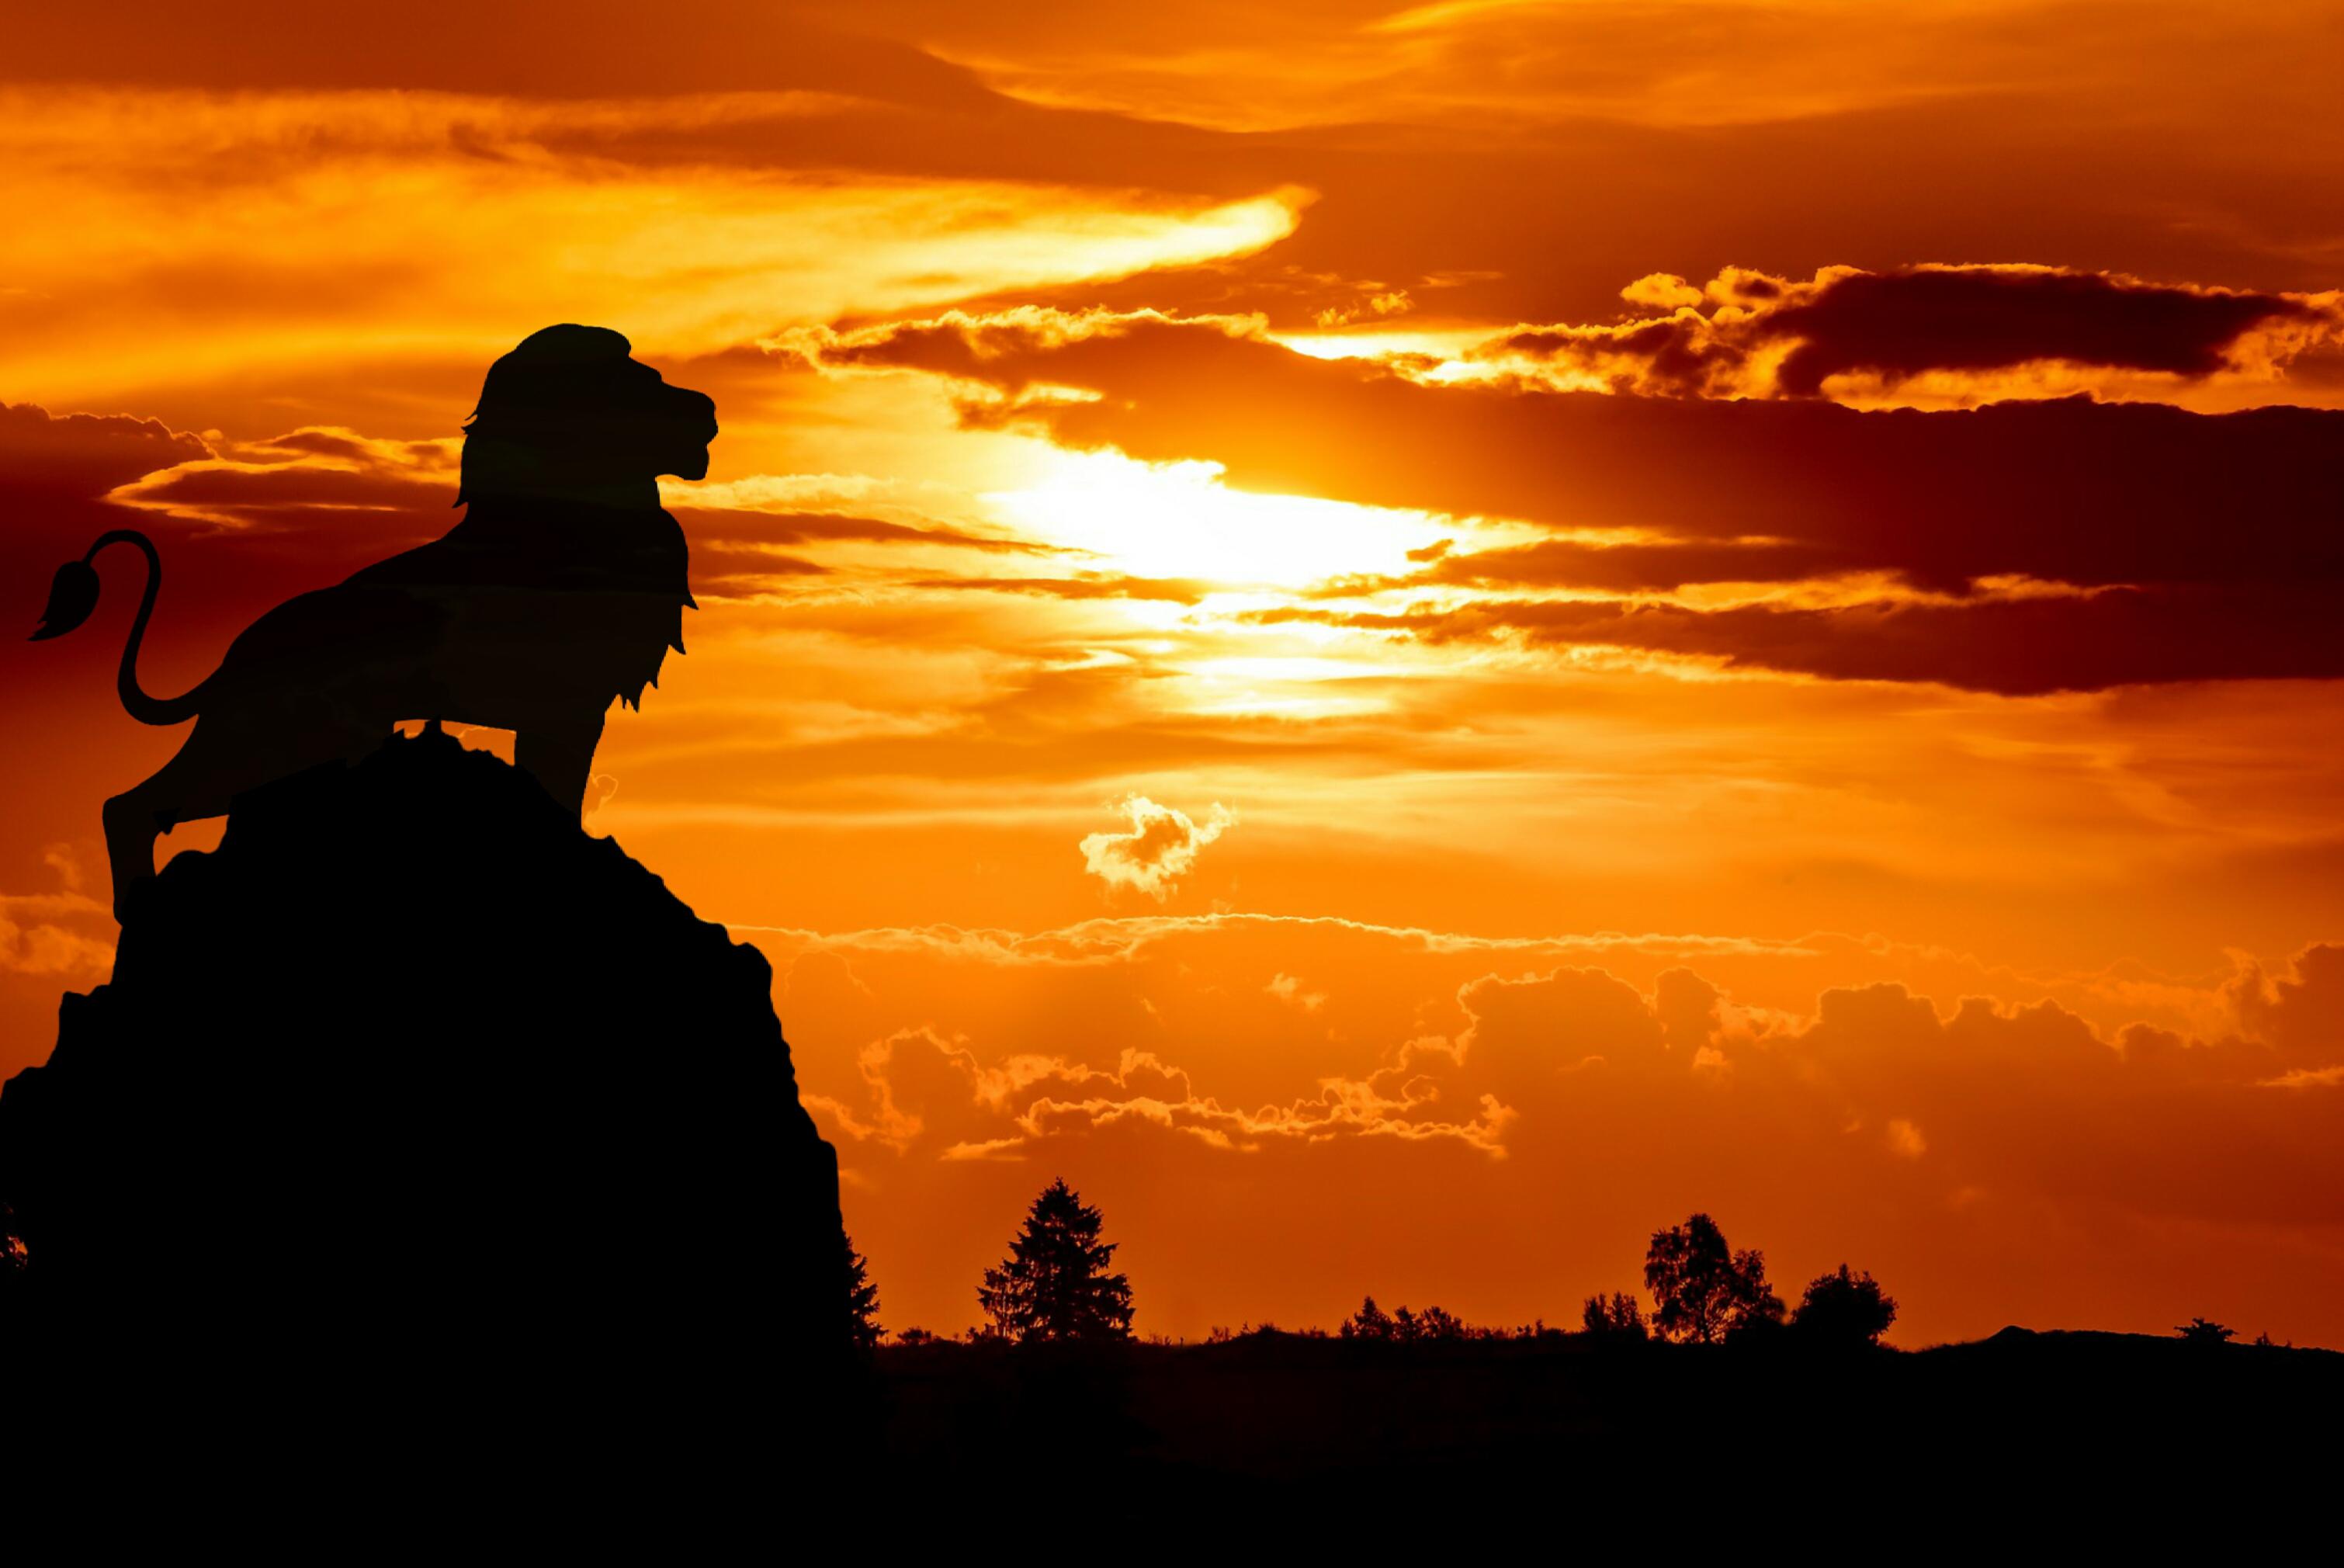 無料画像 ライオン キング アフリカ人 シルエット 単独で